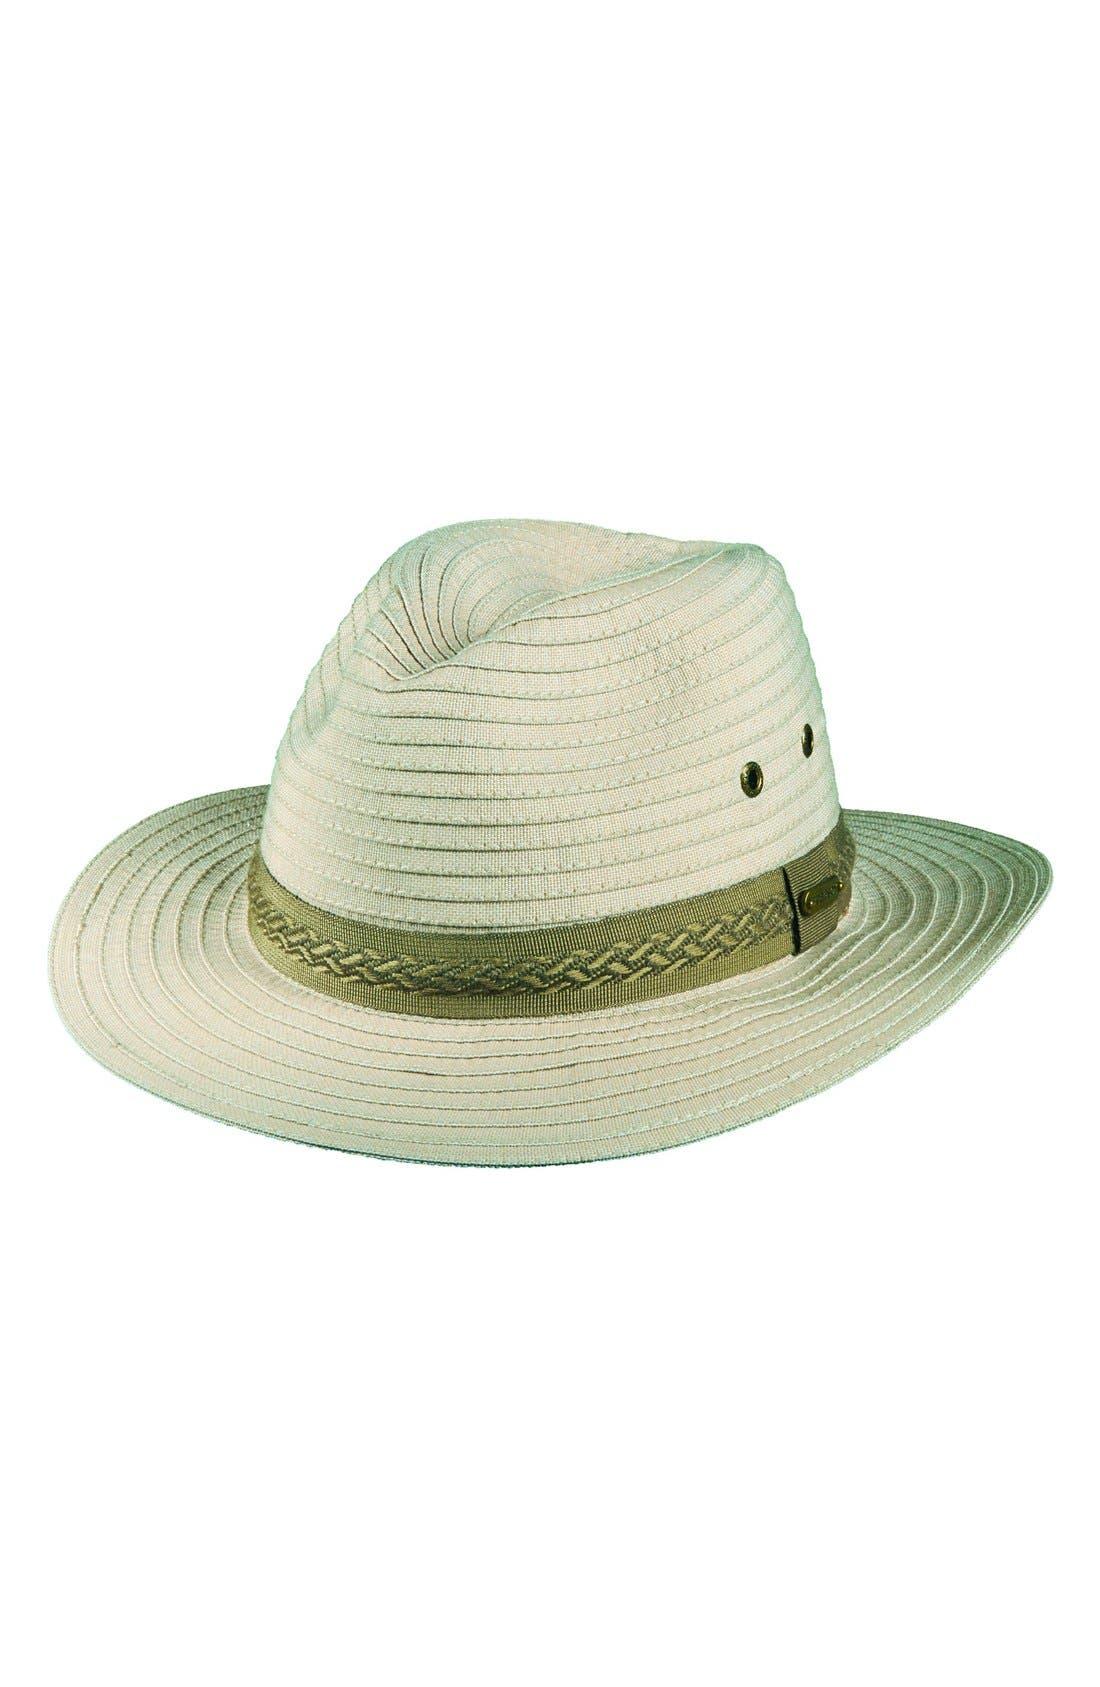 Main Image - Stetson Packable Safari Hat